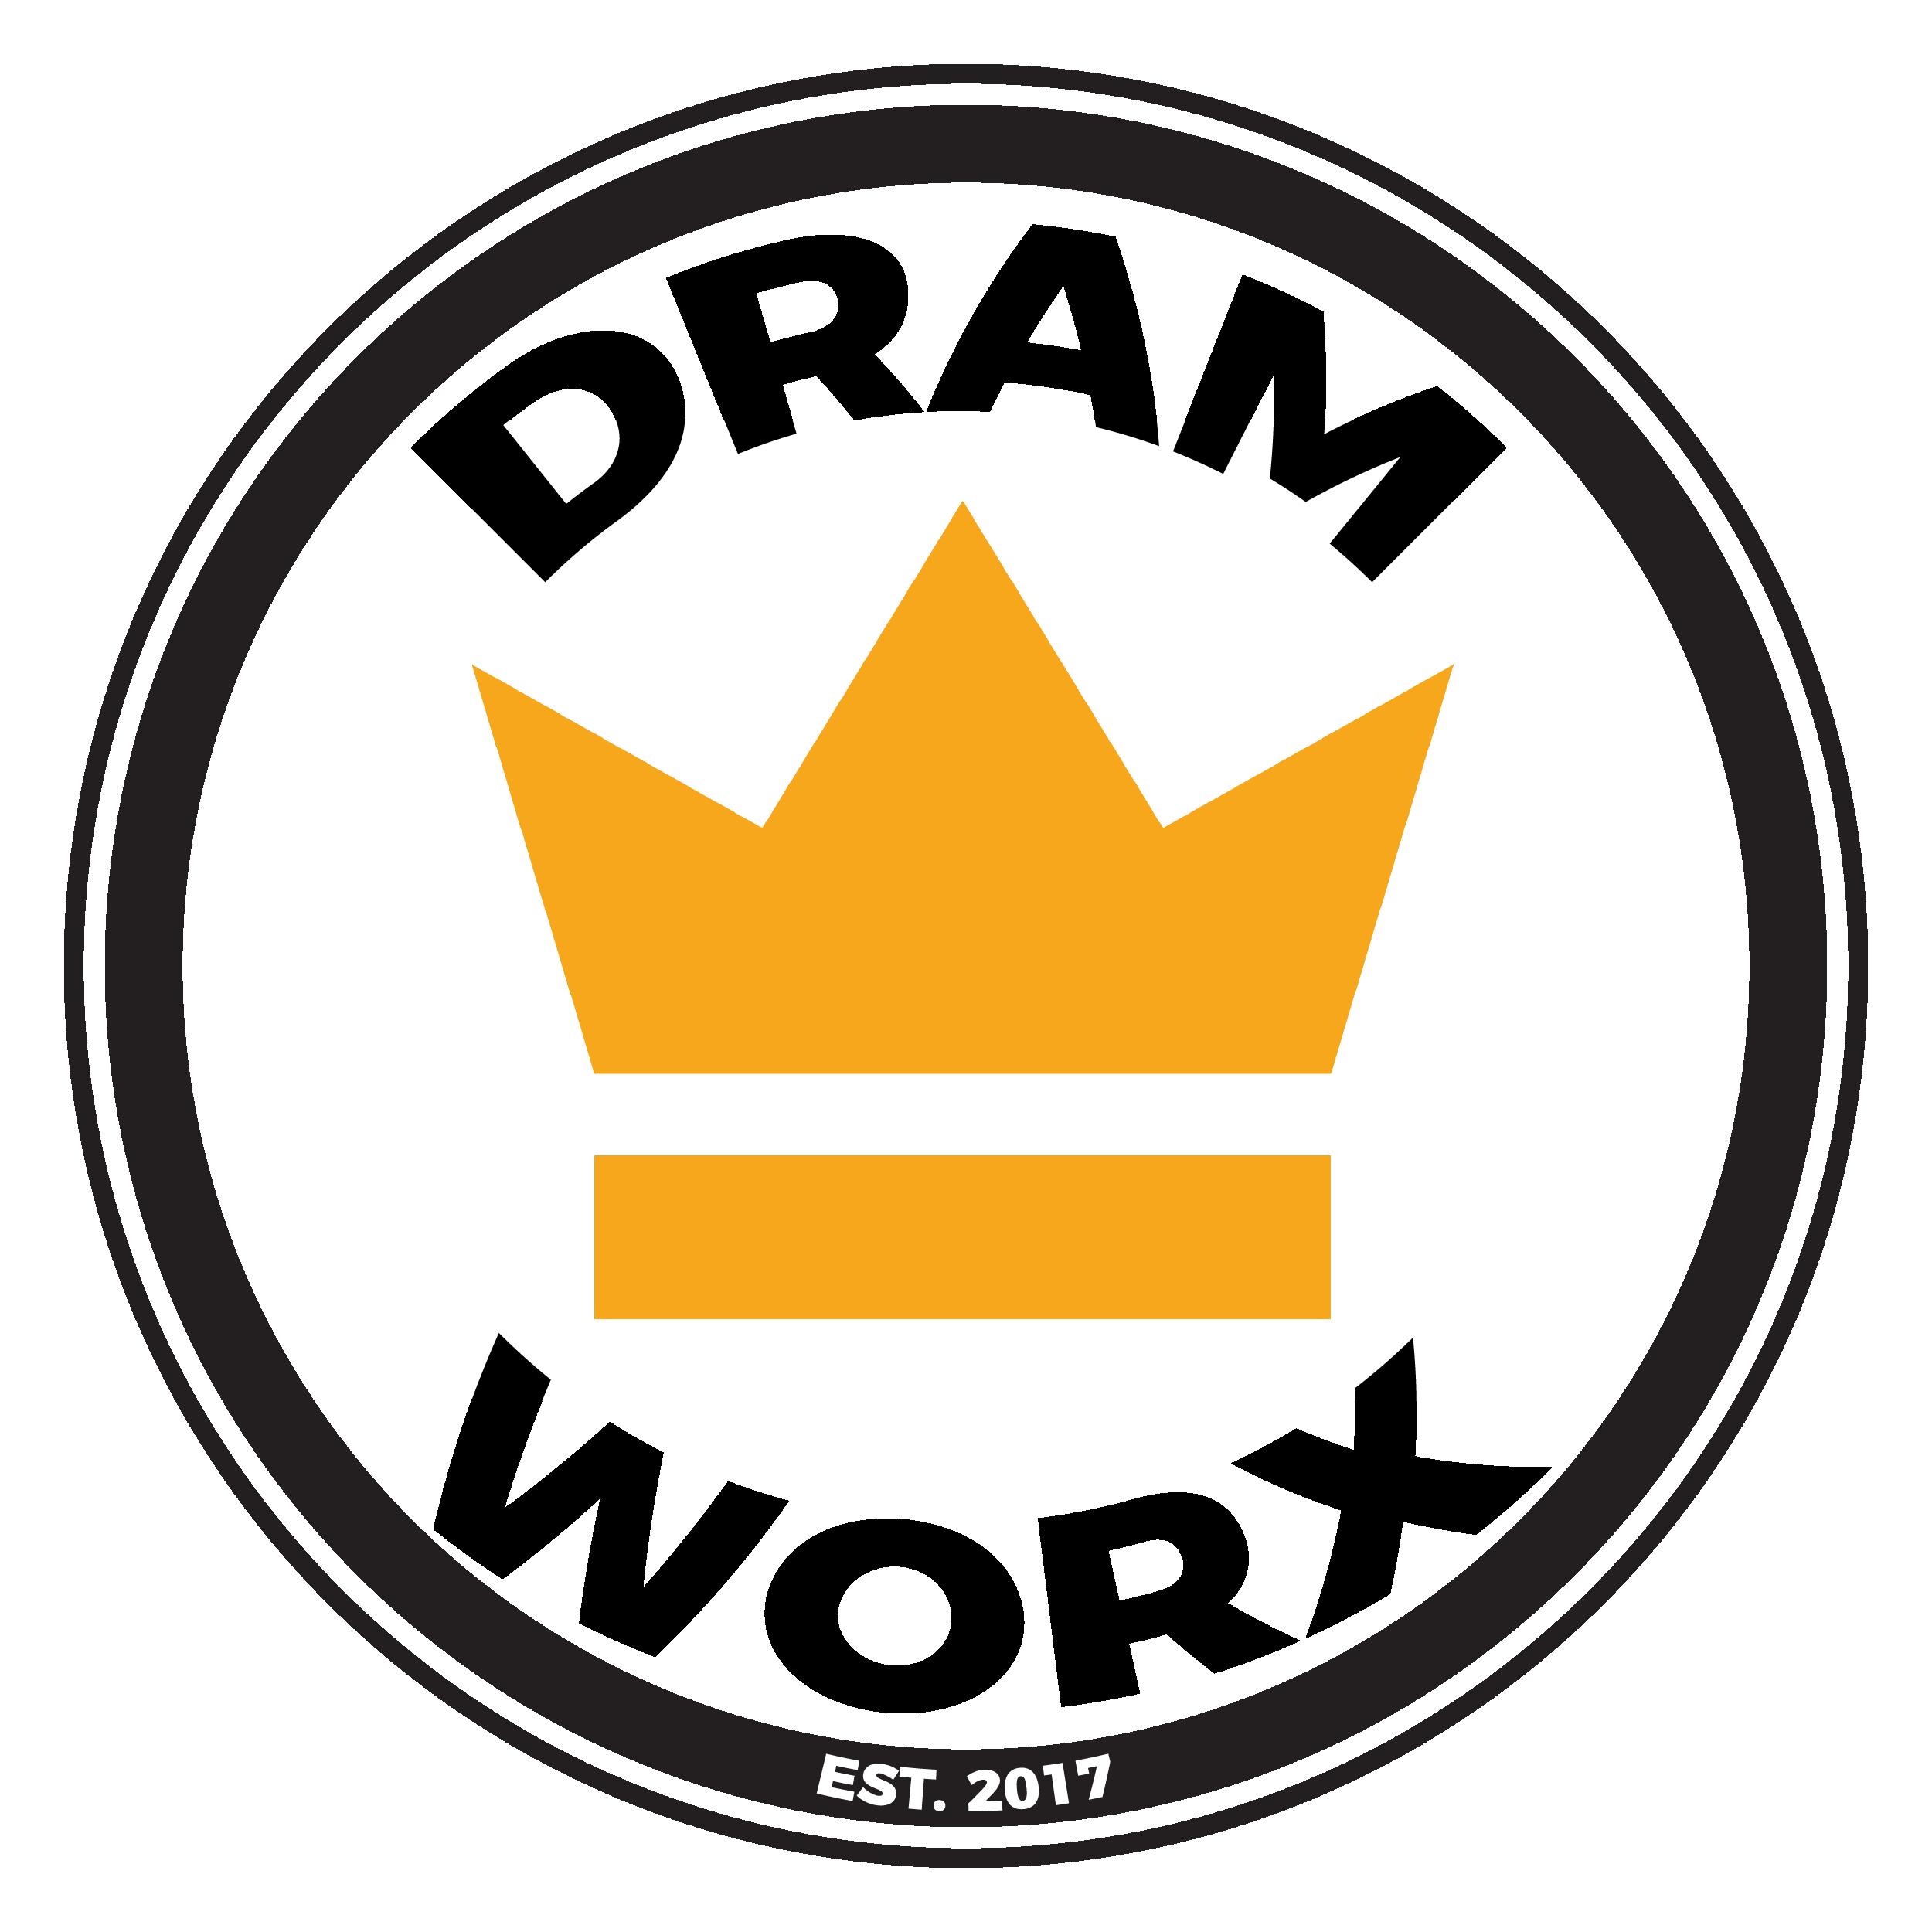 Dram Worx Logo